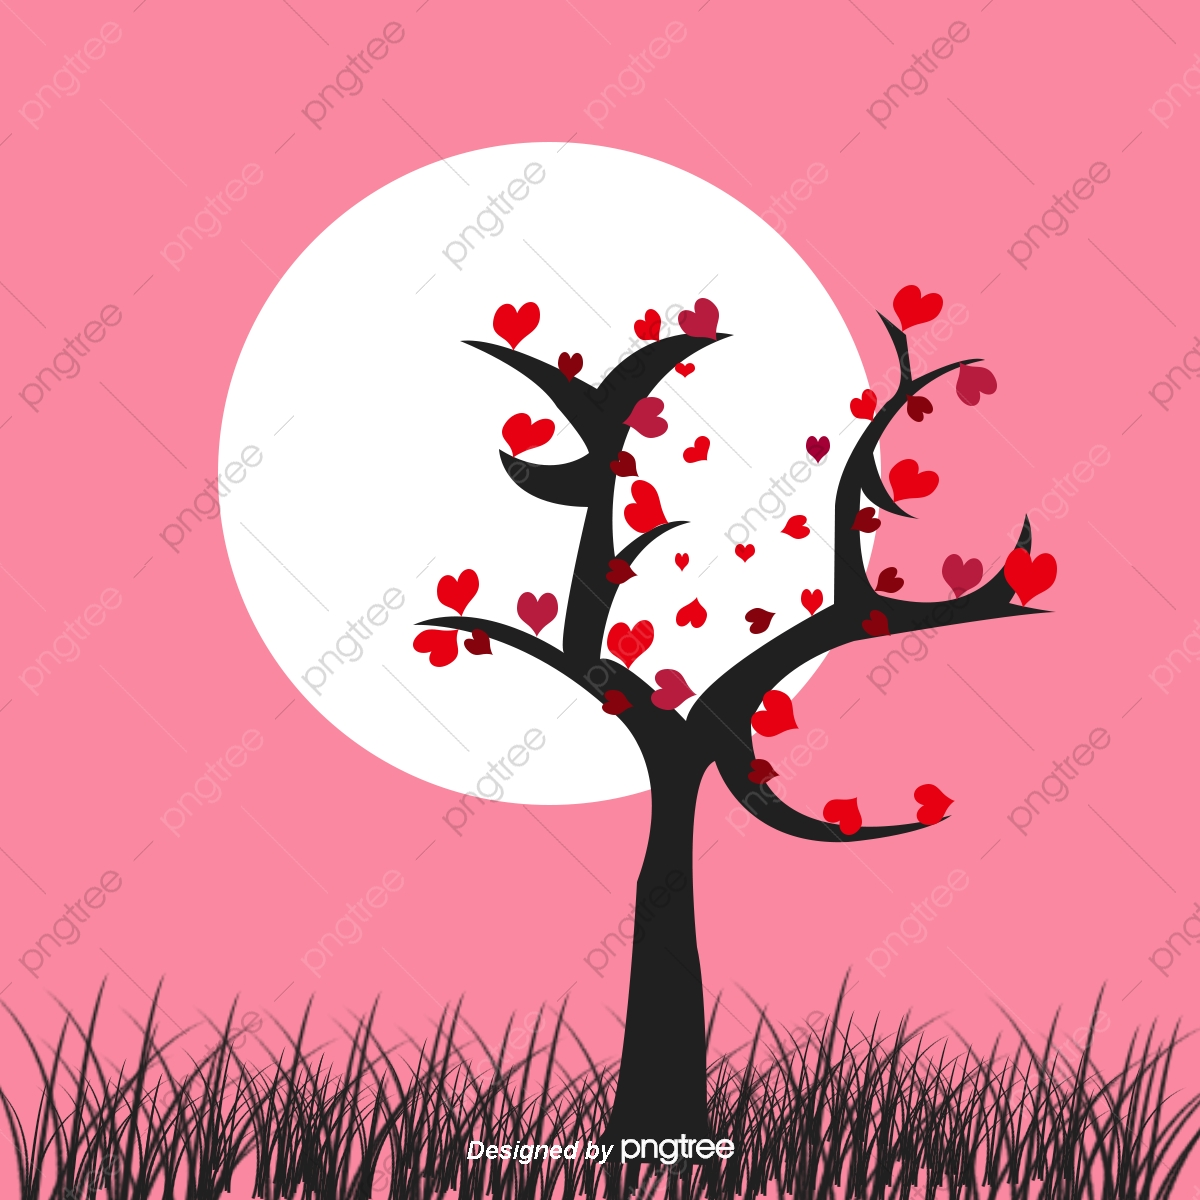 心樹の葉無料ダウンロード 愛 レイアウト イラスト画像素材の無料